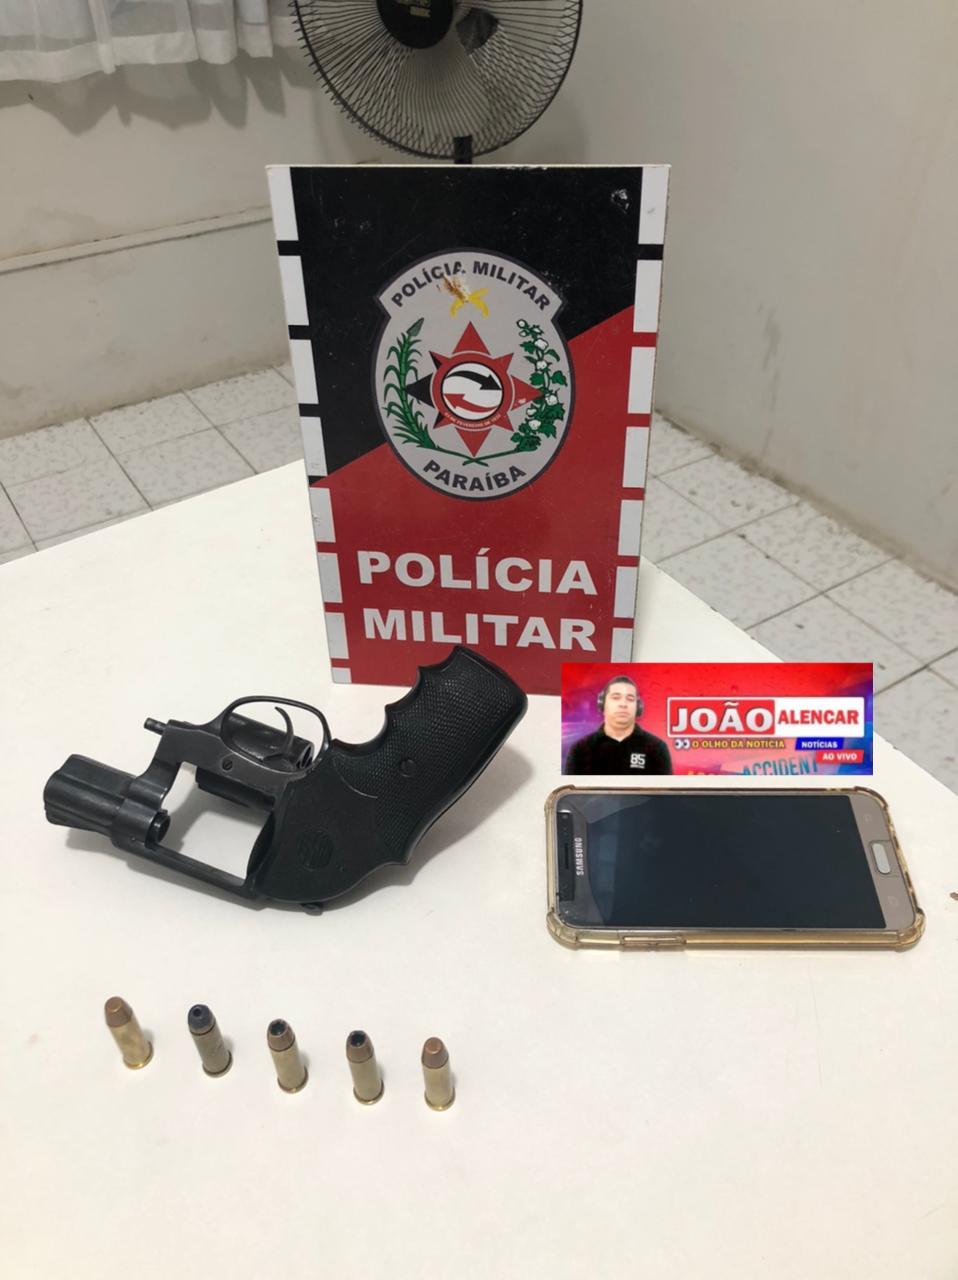 Exclusivo POLICIA MILITAR APREENDE TERCEIRA ARMA DE FOGO EM MENOS DE DOIS DIAS, EM POMBAL